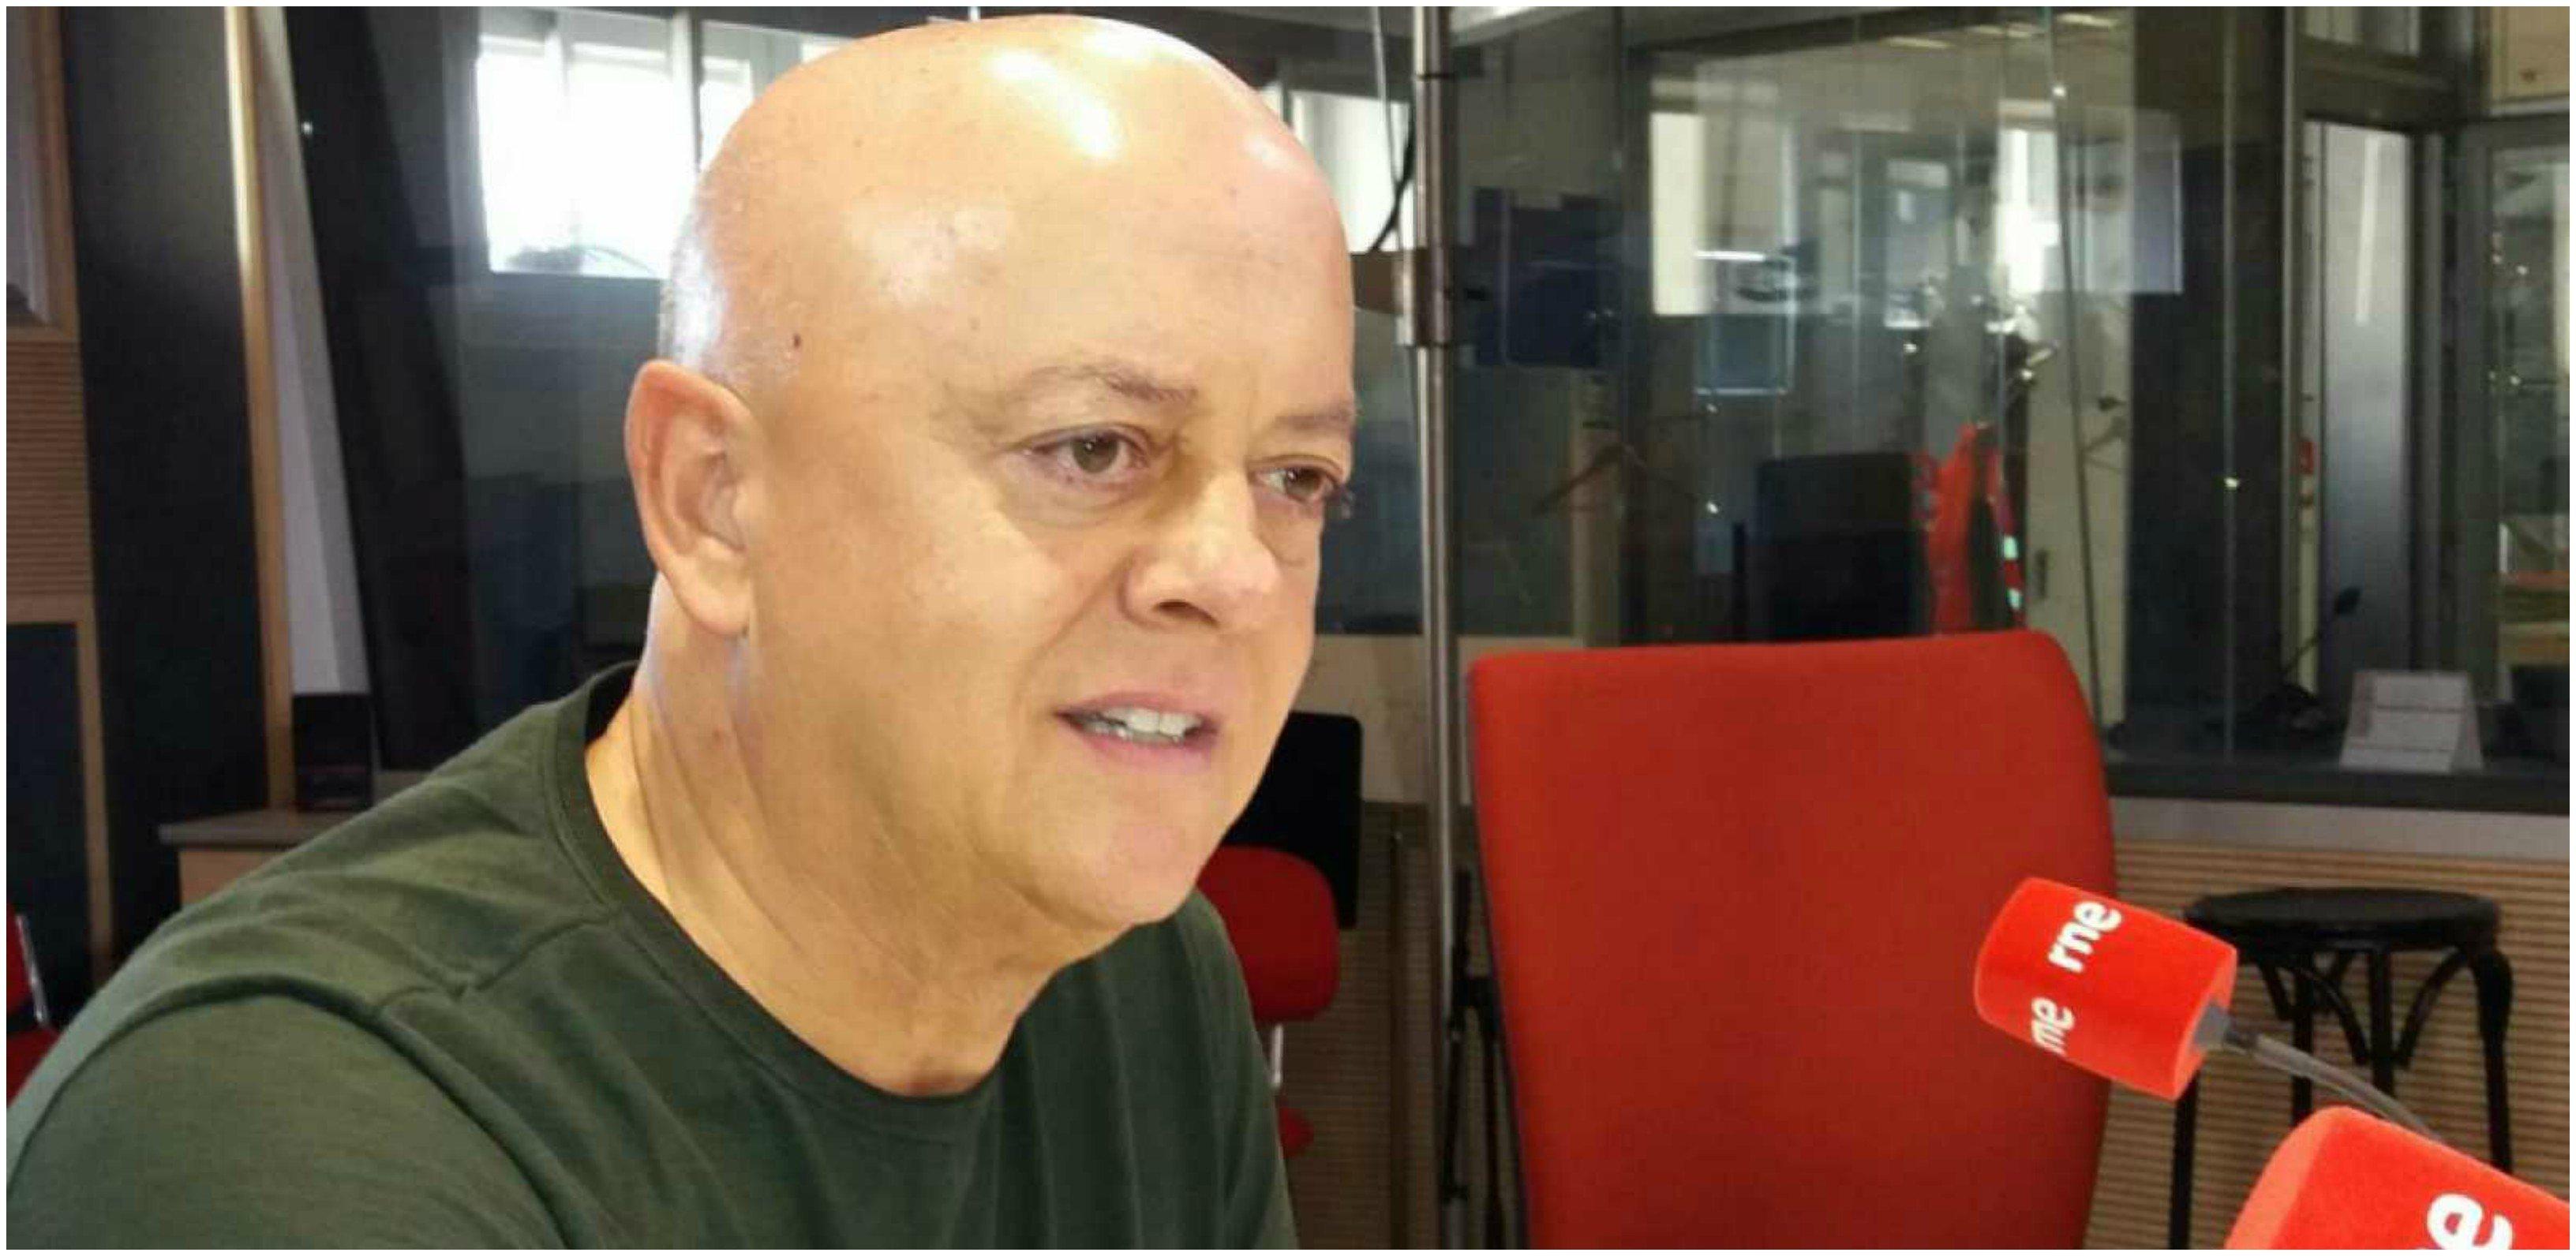 El secretario de Área de Transparencia y Democracia Participativa del PSOE, Odón Elorza, argumenta que, una vez que se reanude la actividad parlamentaria tras su «práctica paralización» por el coronavirus, deberían impulsarse estas renovaciones